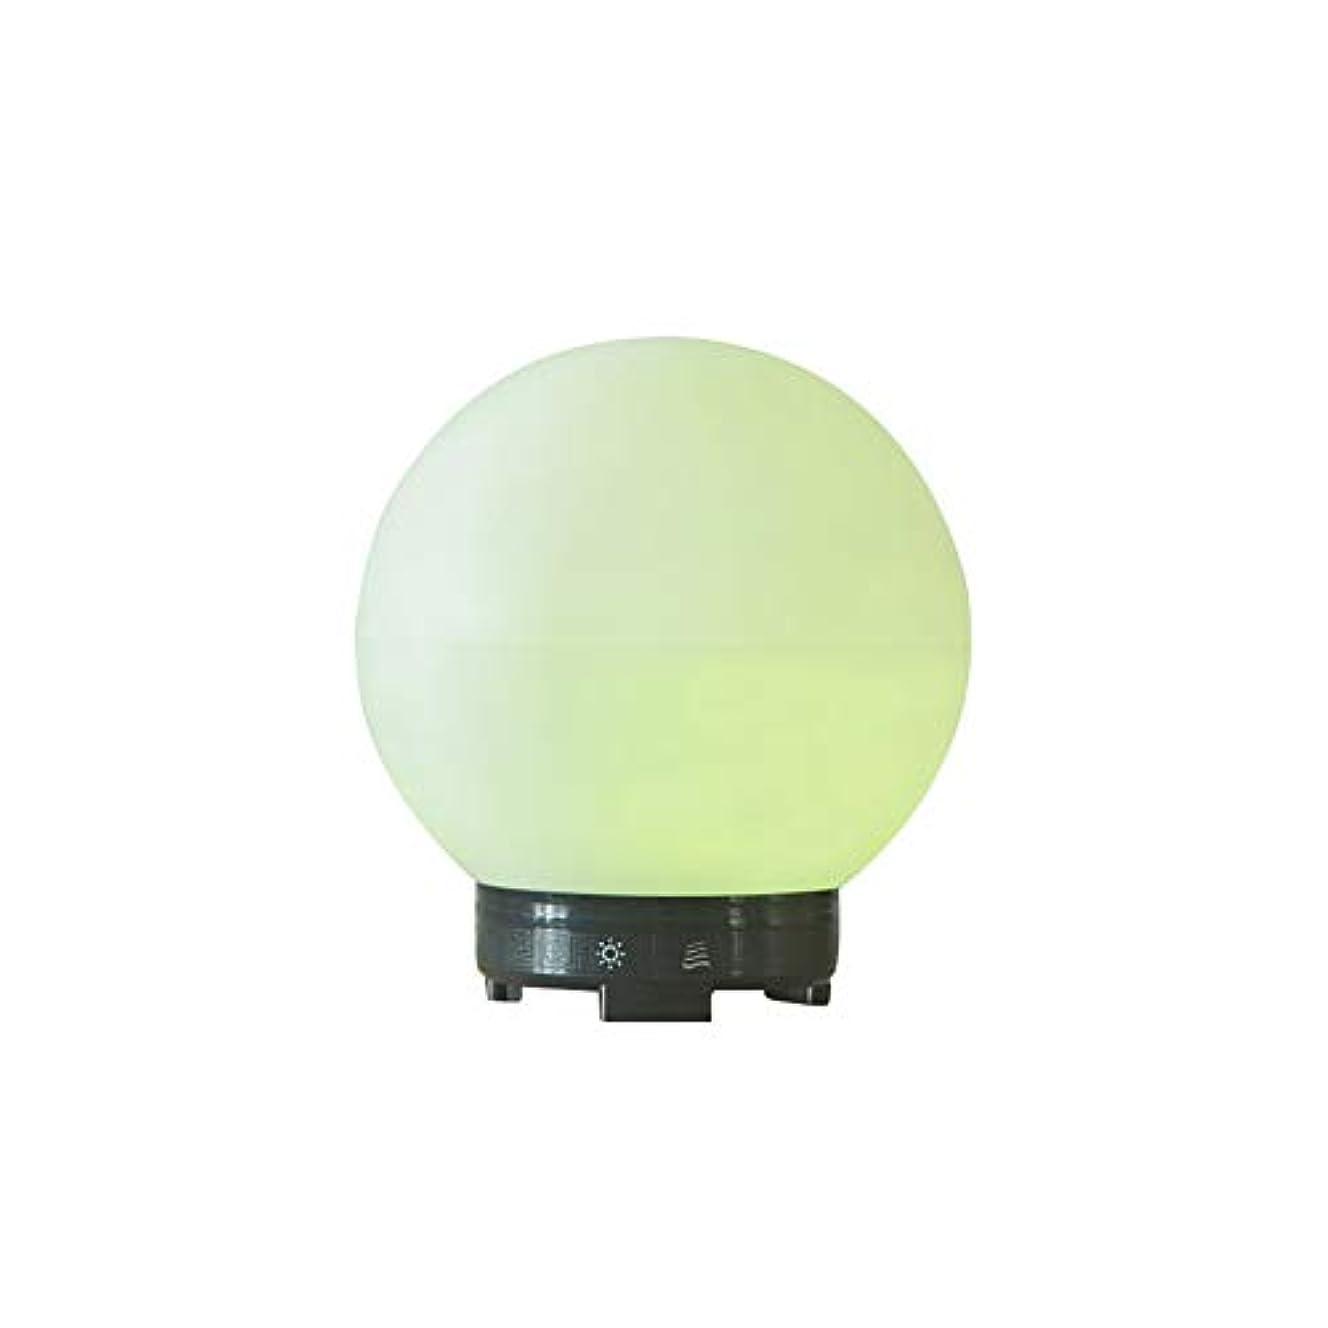 最悪記録うまくやる()エッセンシャルオイルディフューザーと加湿器、ミストエッセンシャルオイルアロマ加湿器用の超音波アロマディフューザー、7色LEDライト